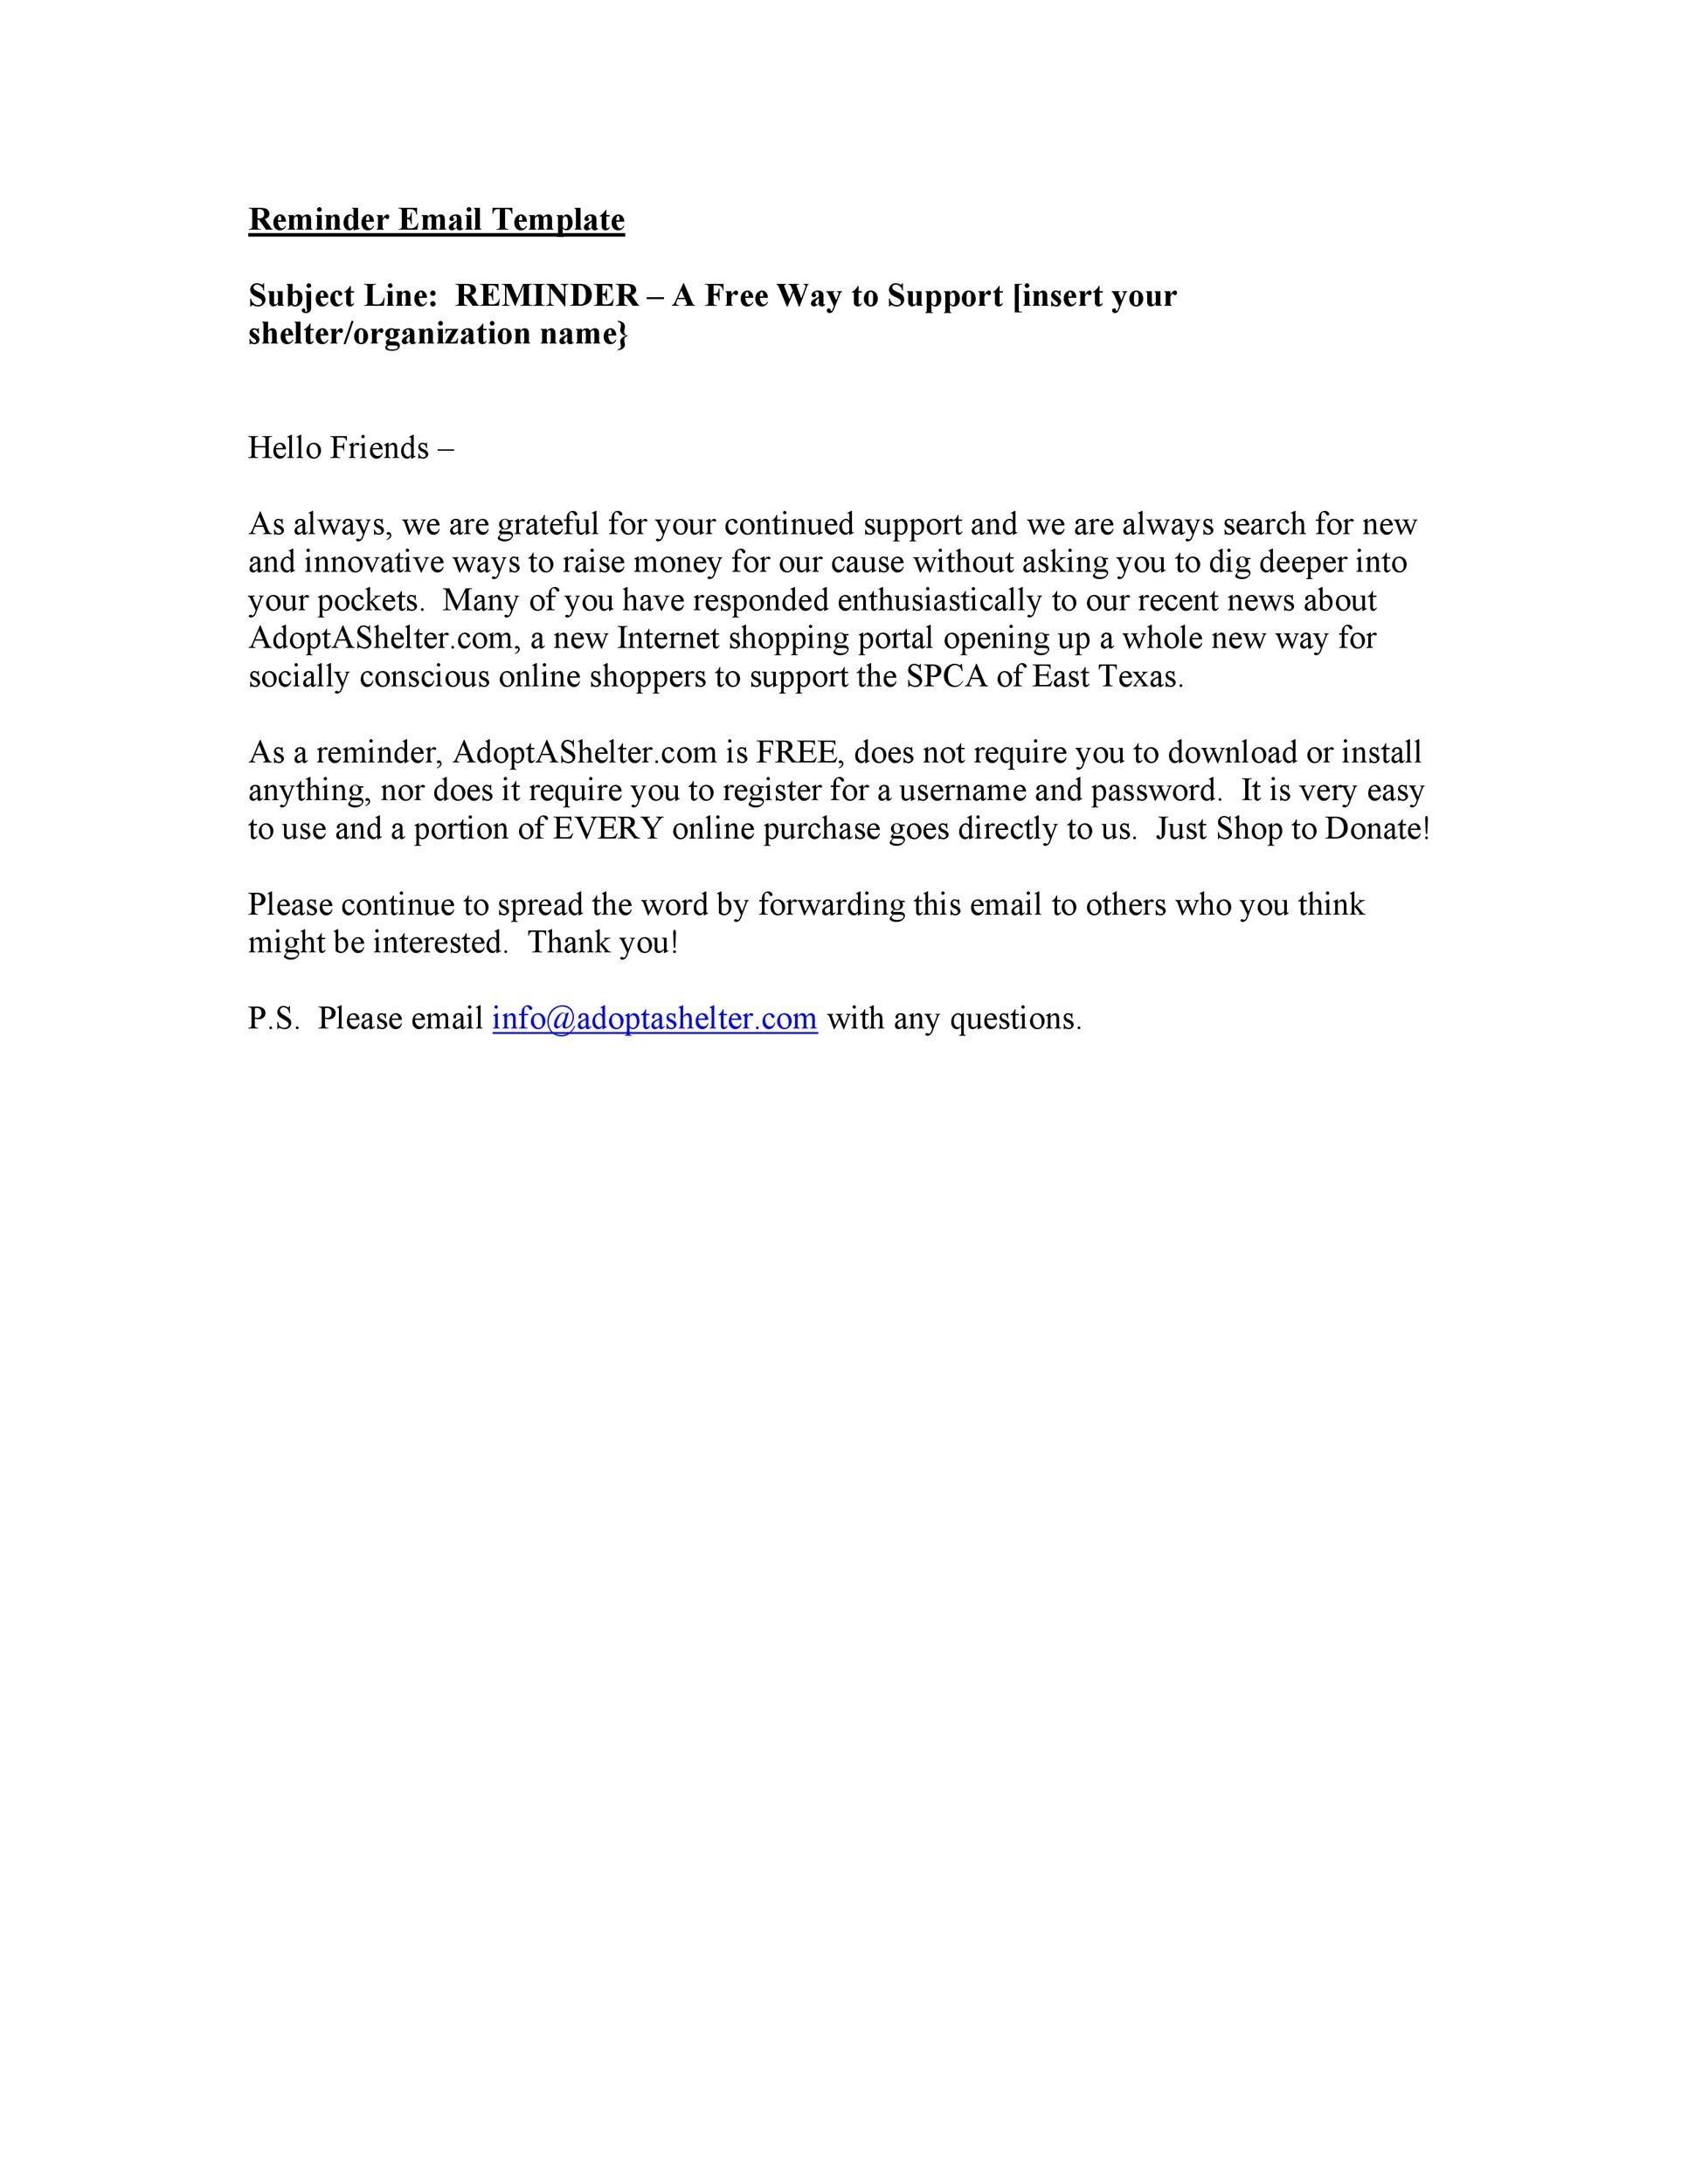 Free reminder email sample 31